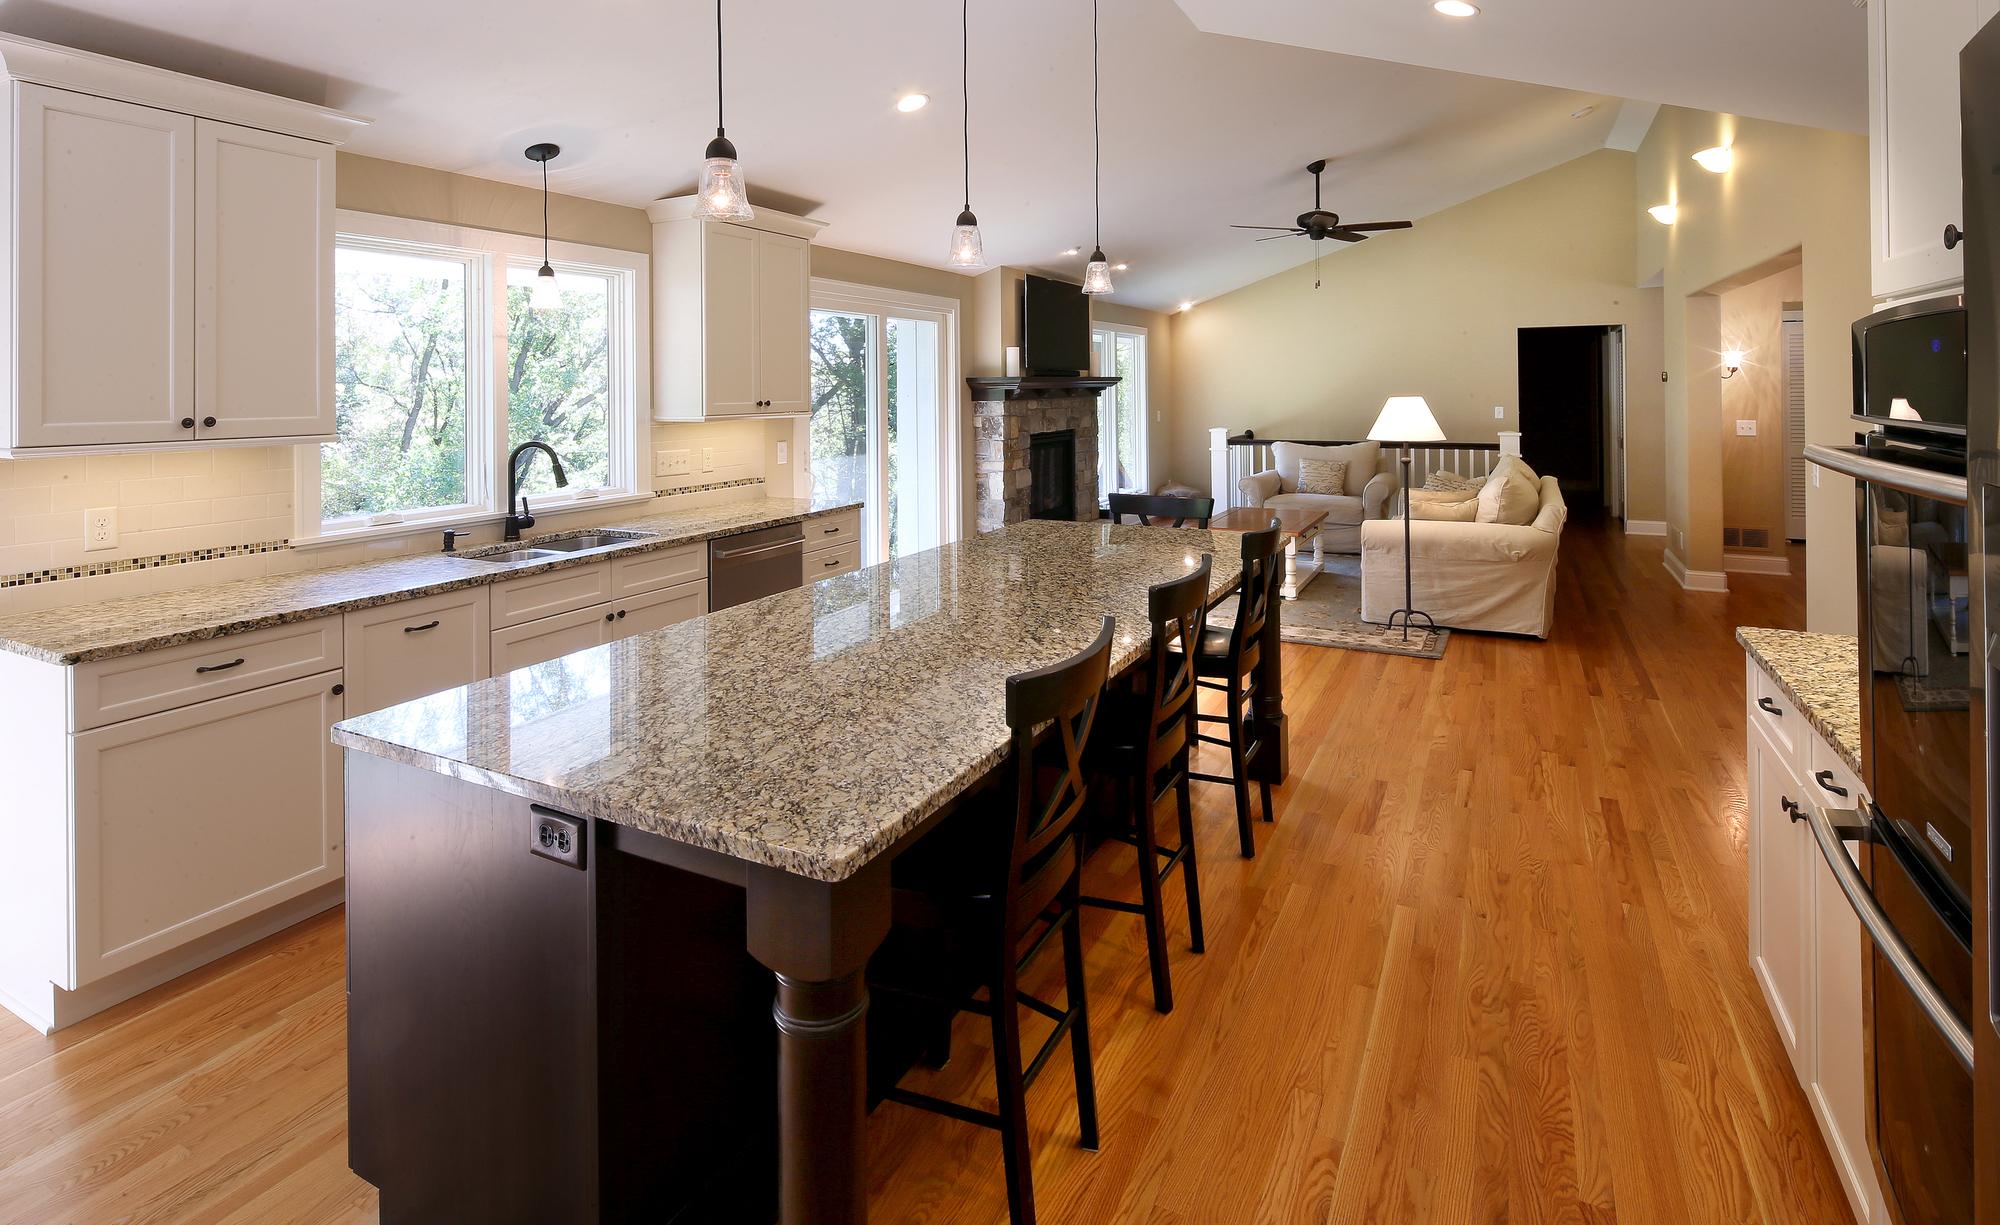 fabelagtige-share-billeder-af-i-minimalistisk-galleri-åben-koncept-køkken-stue